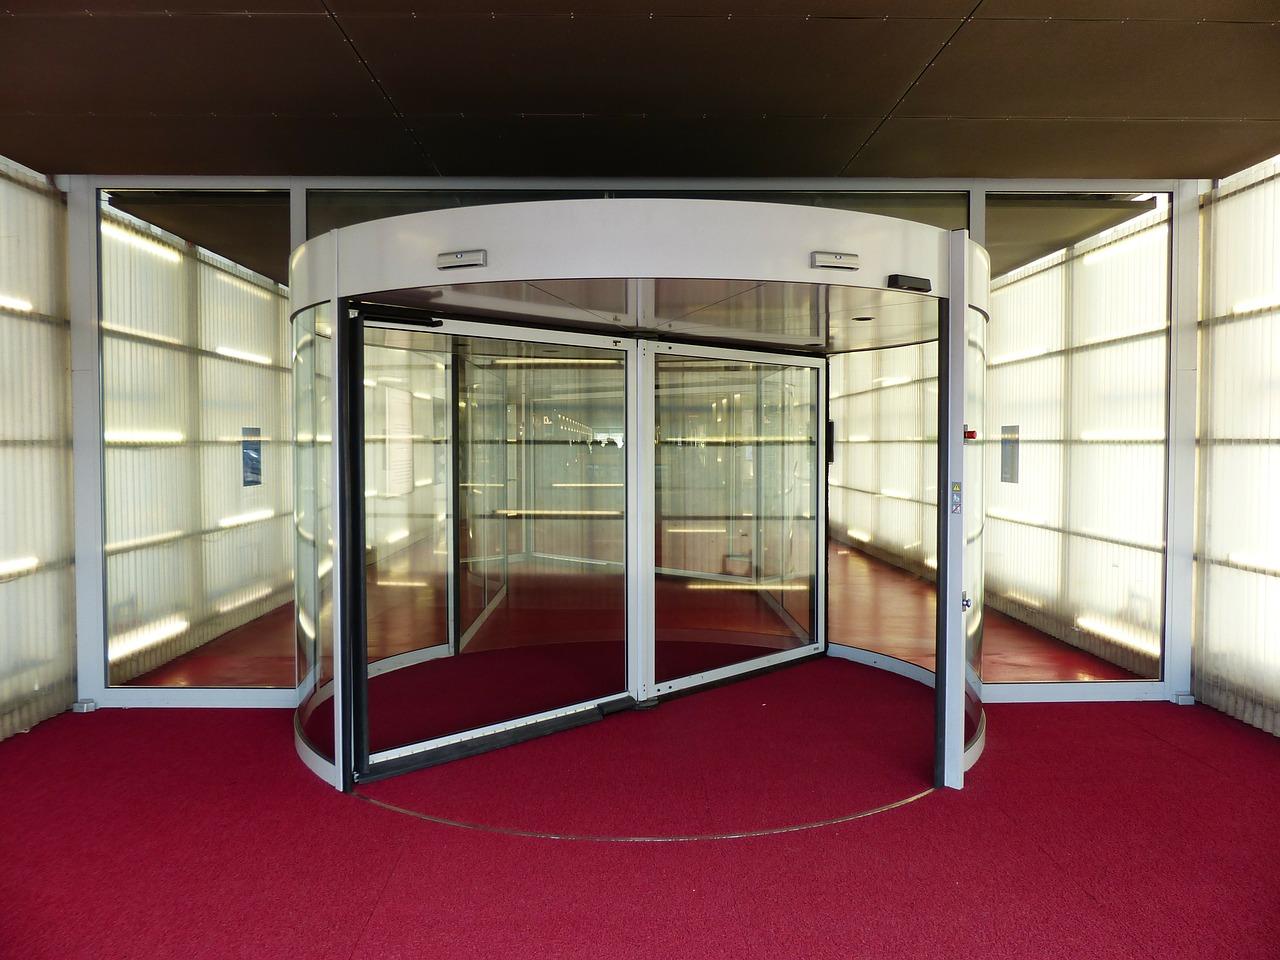 Warum sind Karussell-Drehtüren in Eingangsbereichen von Gebäuden so beliebt?